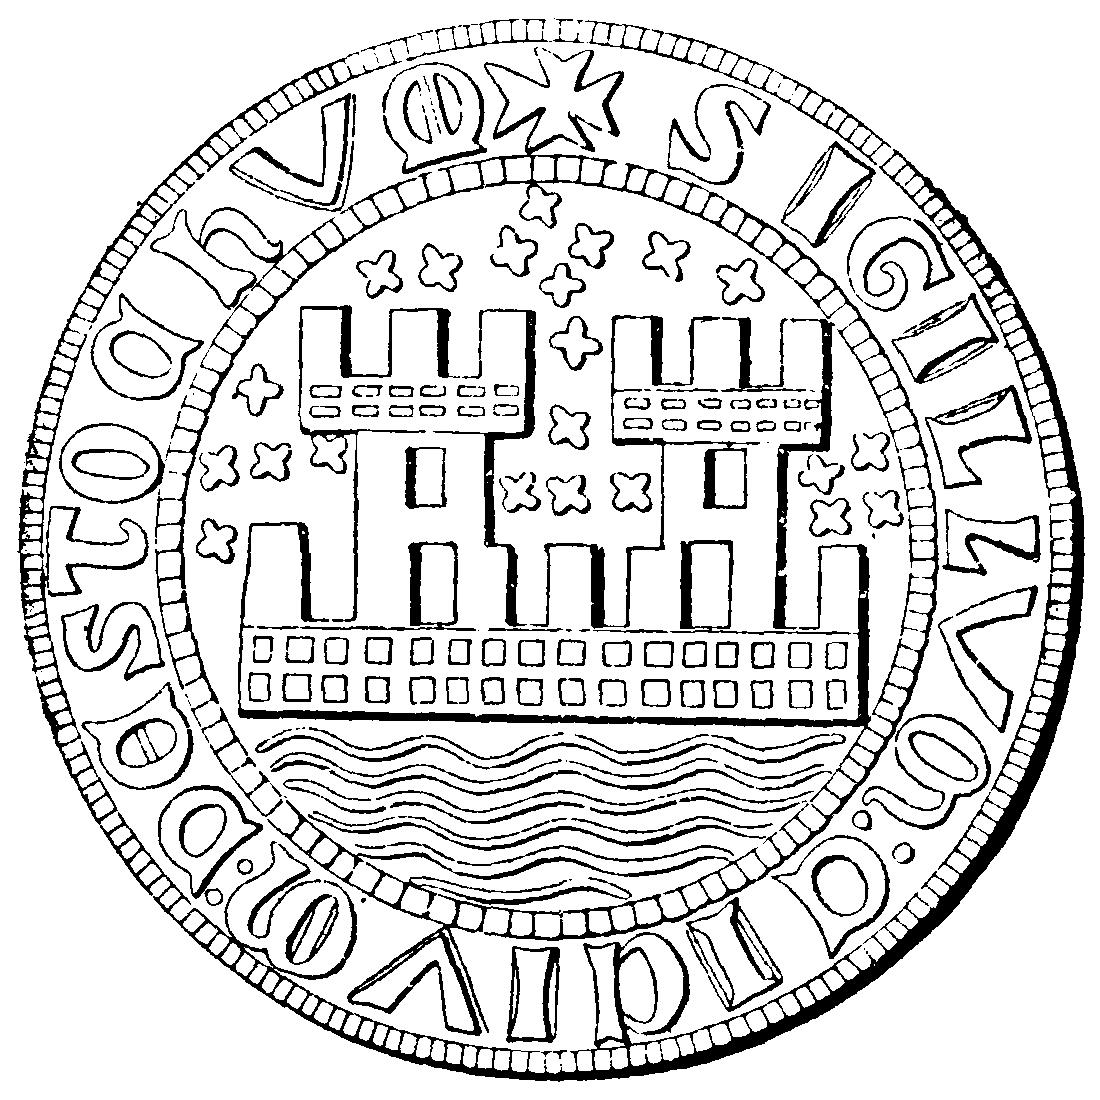 Timeline of Stockholm history timeline